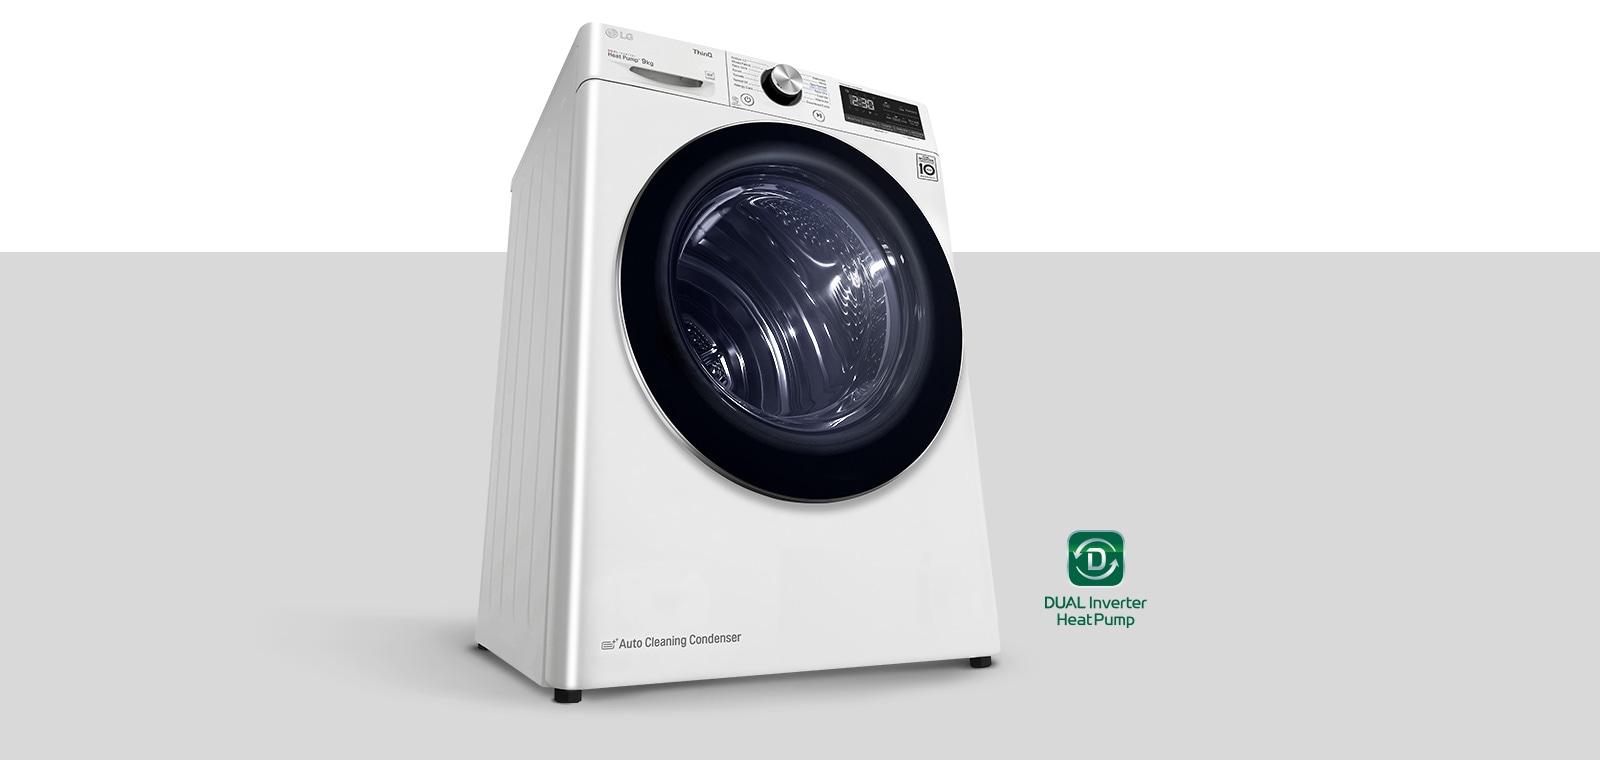 Hình ảnh sản phẩm Máy sấy DUAL Inverter Heat Pump™ kèm logo